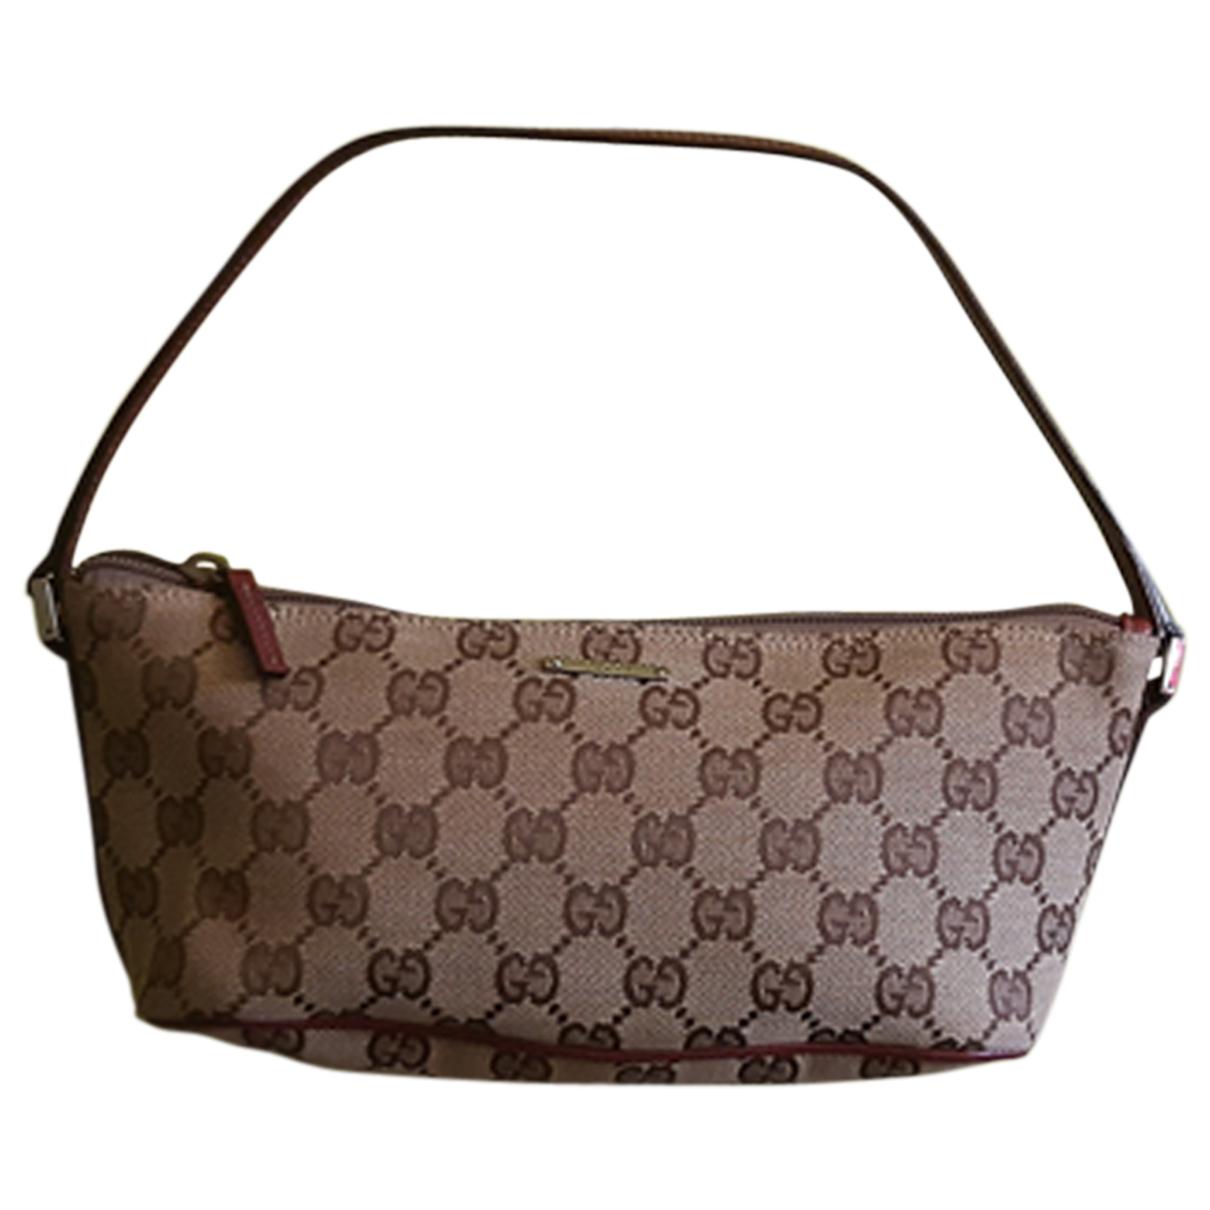 Pochette de Lona Gucci